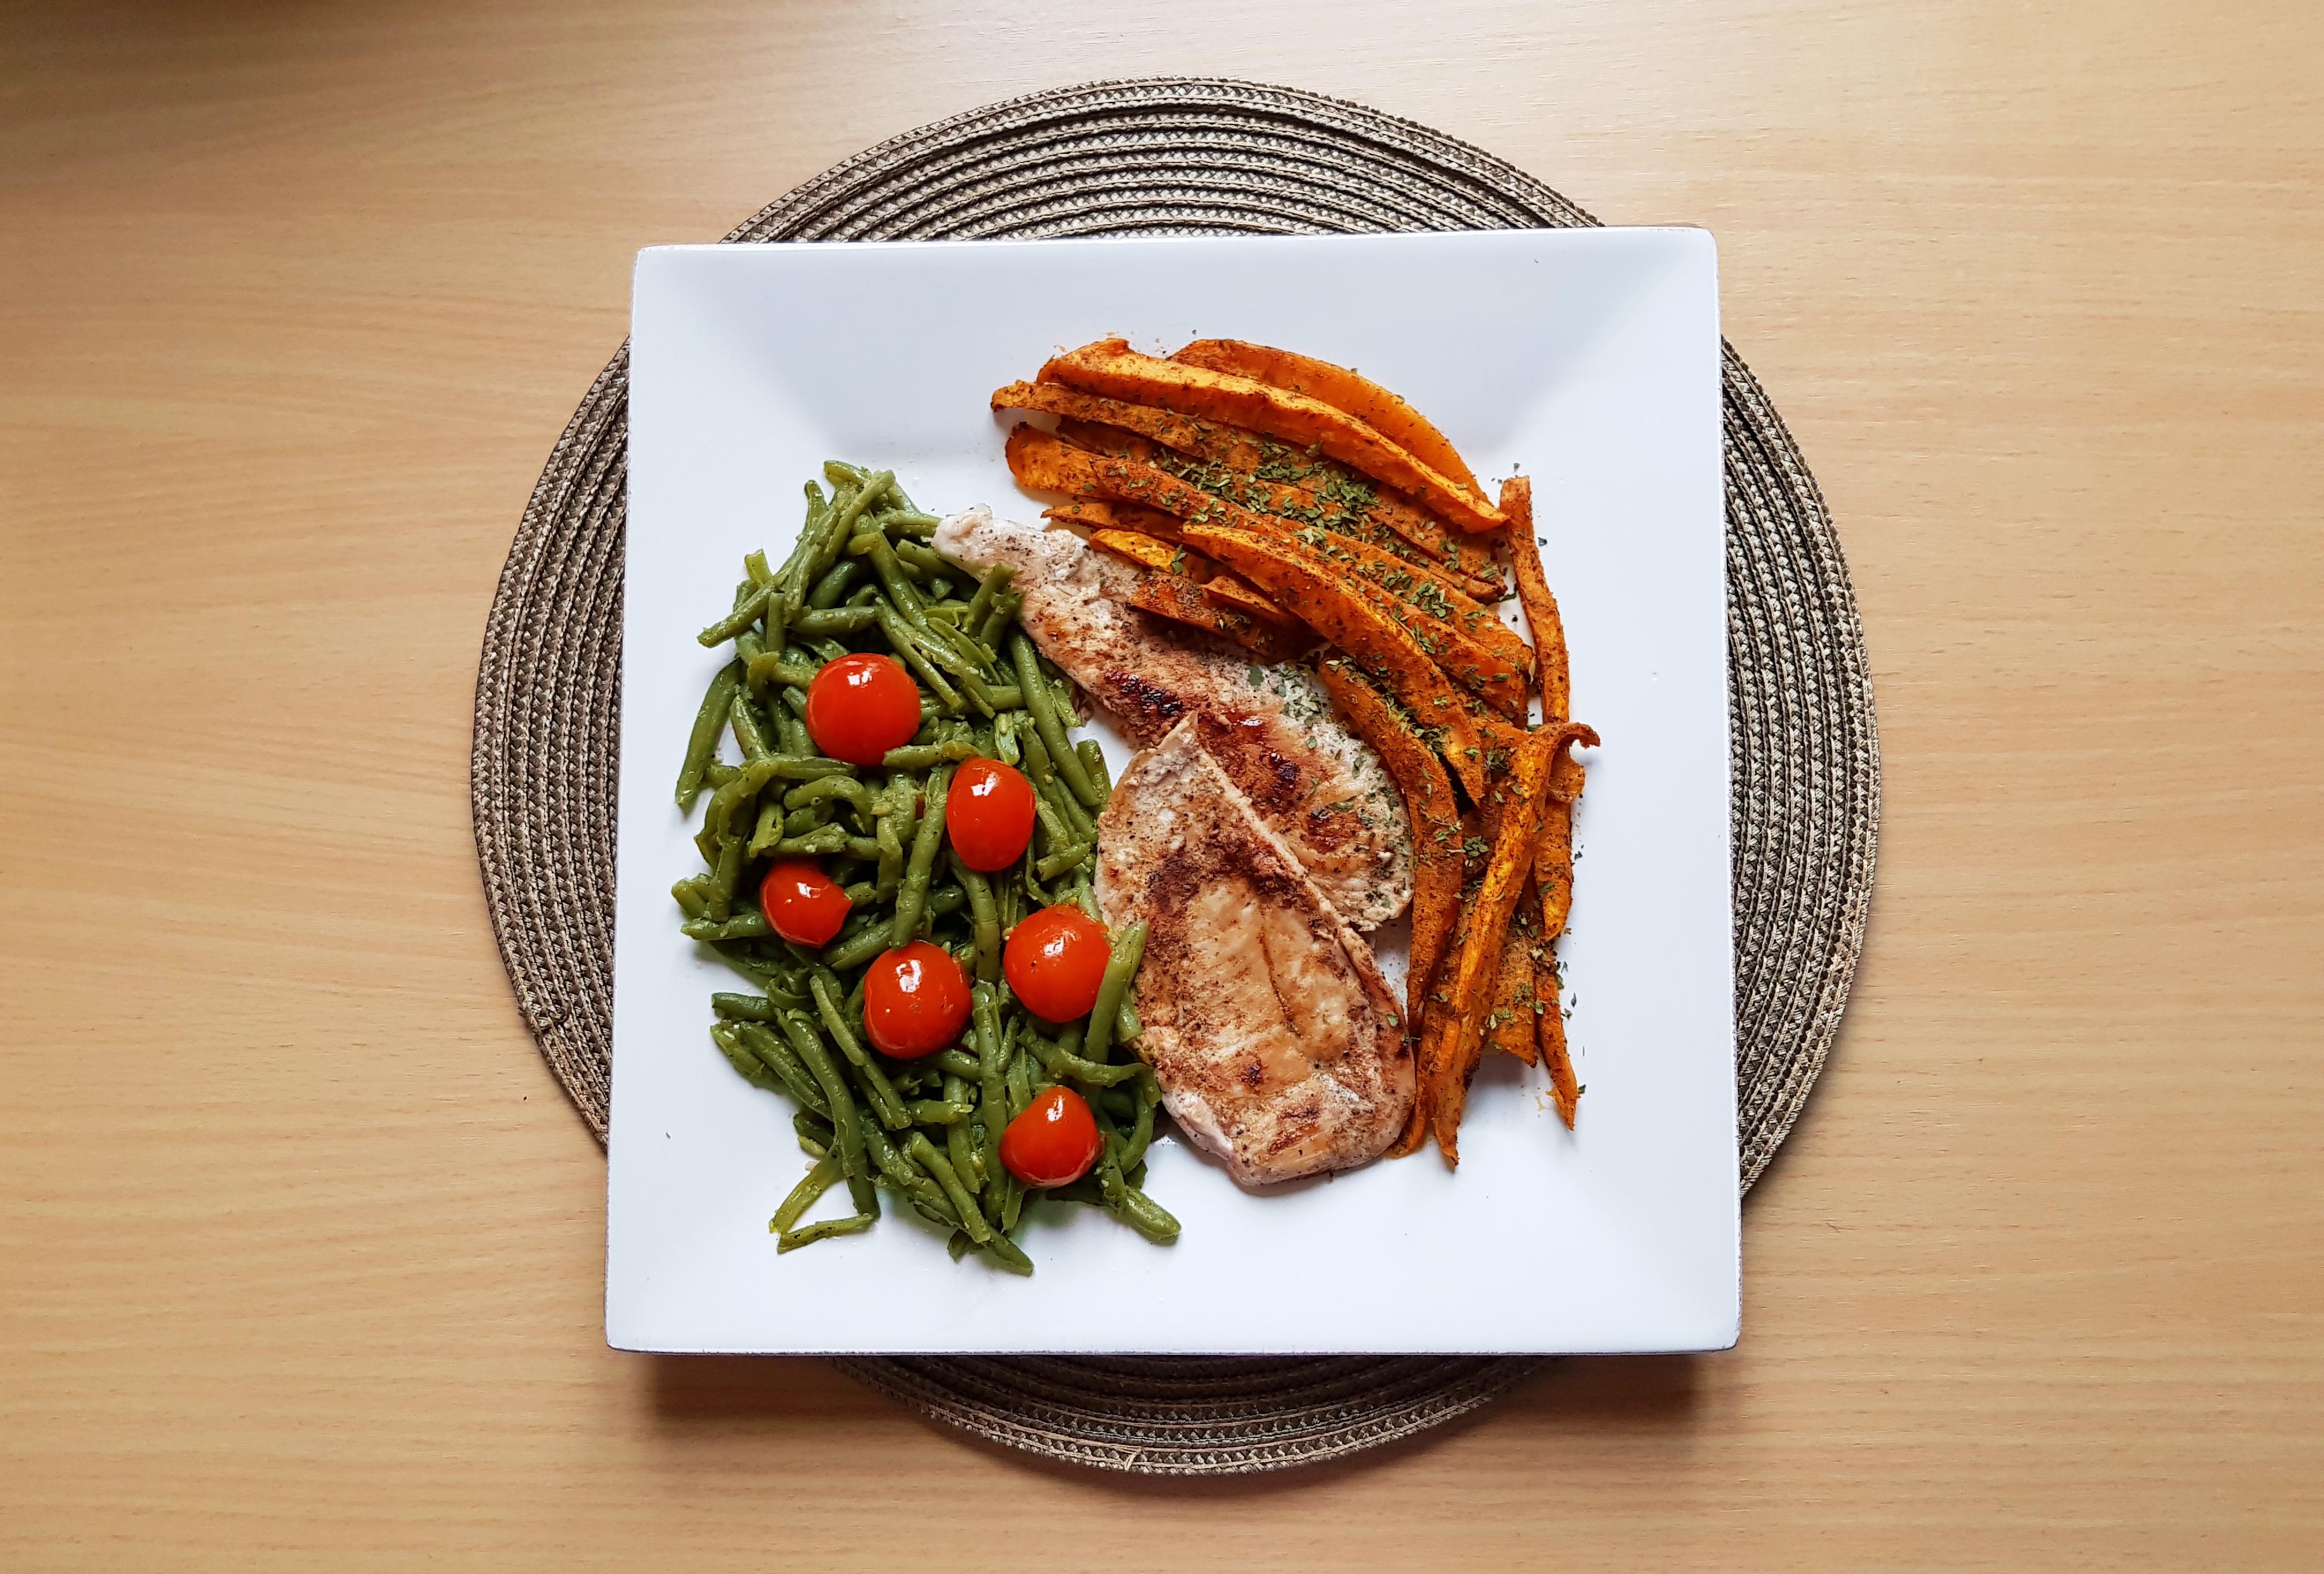 déjeuner healthy